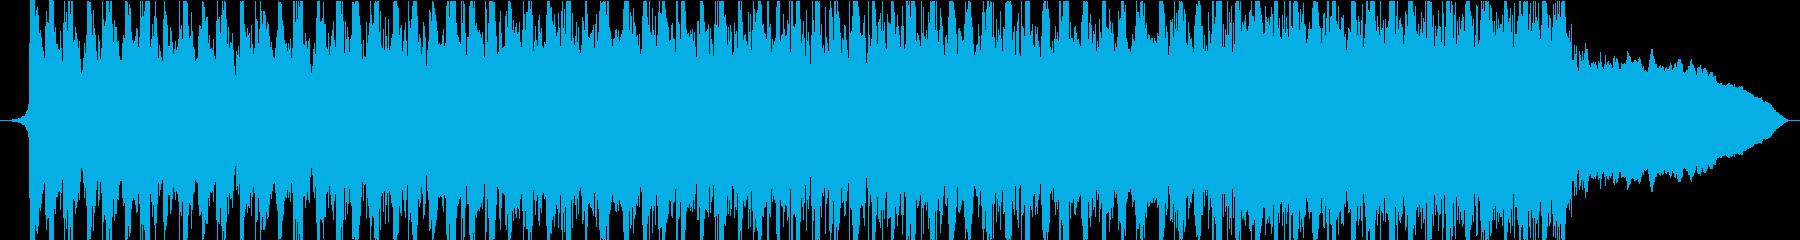 アクションエネルギッシュなスポーツロックの再生済みの波形